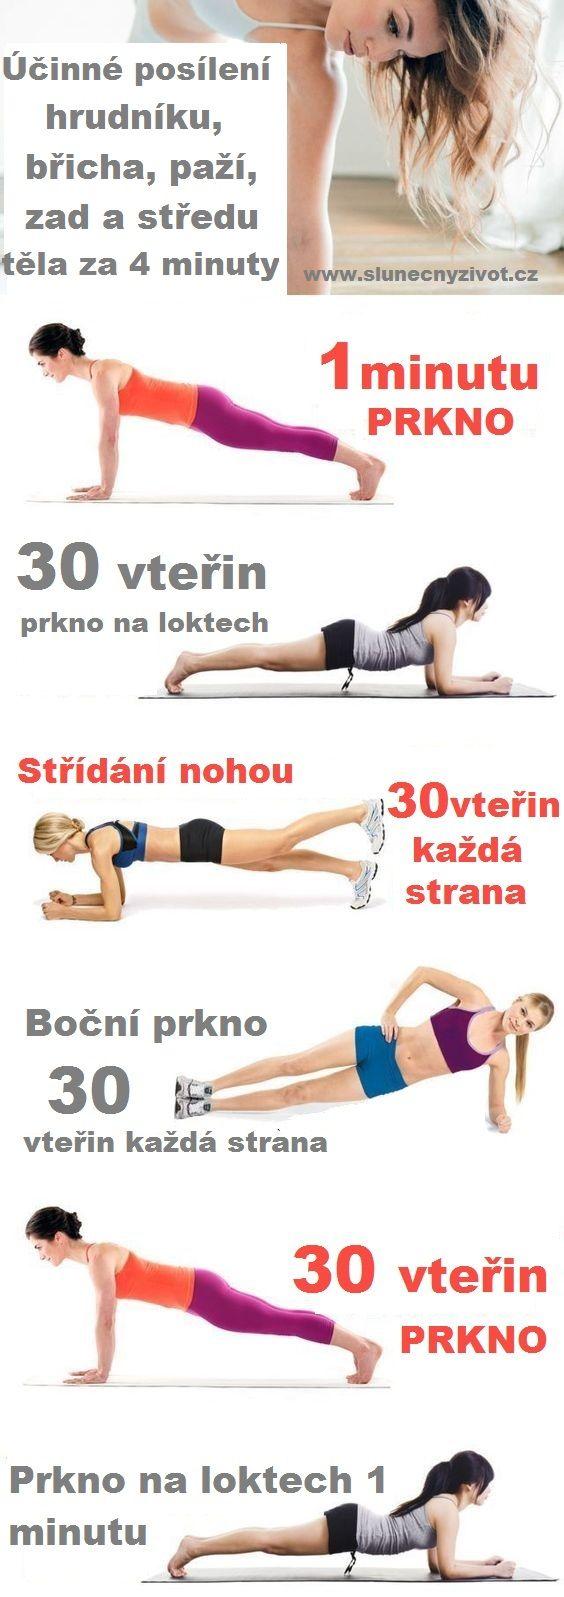 Trápí vás povislé bříško, prapory místo tricepsů, povolené prsní svaly, ochablé zádové svaly a máte pocit, že byste museli cvičit aspoň 30 minut každý den, aby se tohle vše viditelně zpevnilo? Nevíte vlastně jak efektivně cvičit? Myslíte si, že se dá břicho zpevnit pouze neoblíbenými sklapovačkami,které nemůžete dělat kvůli zádům, pevné tricepsy u žen jsou…